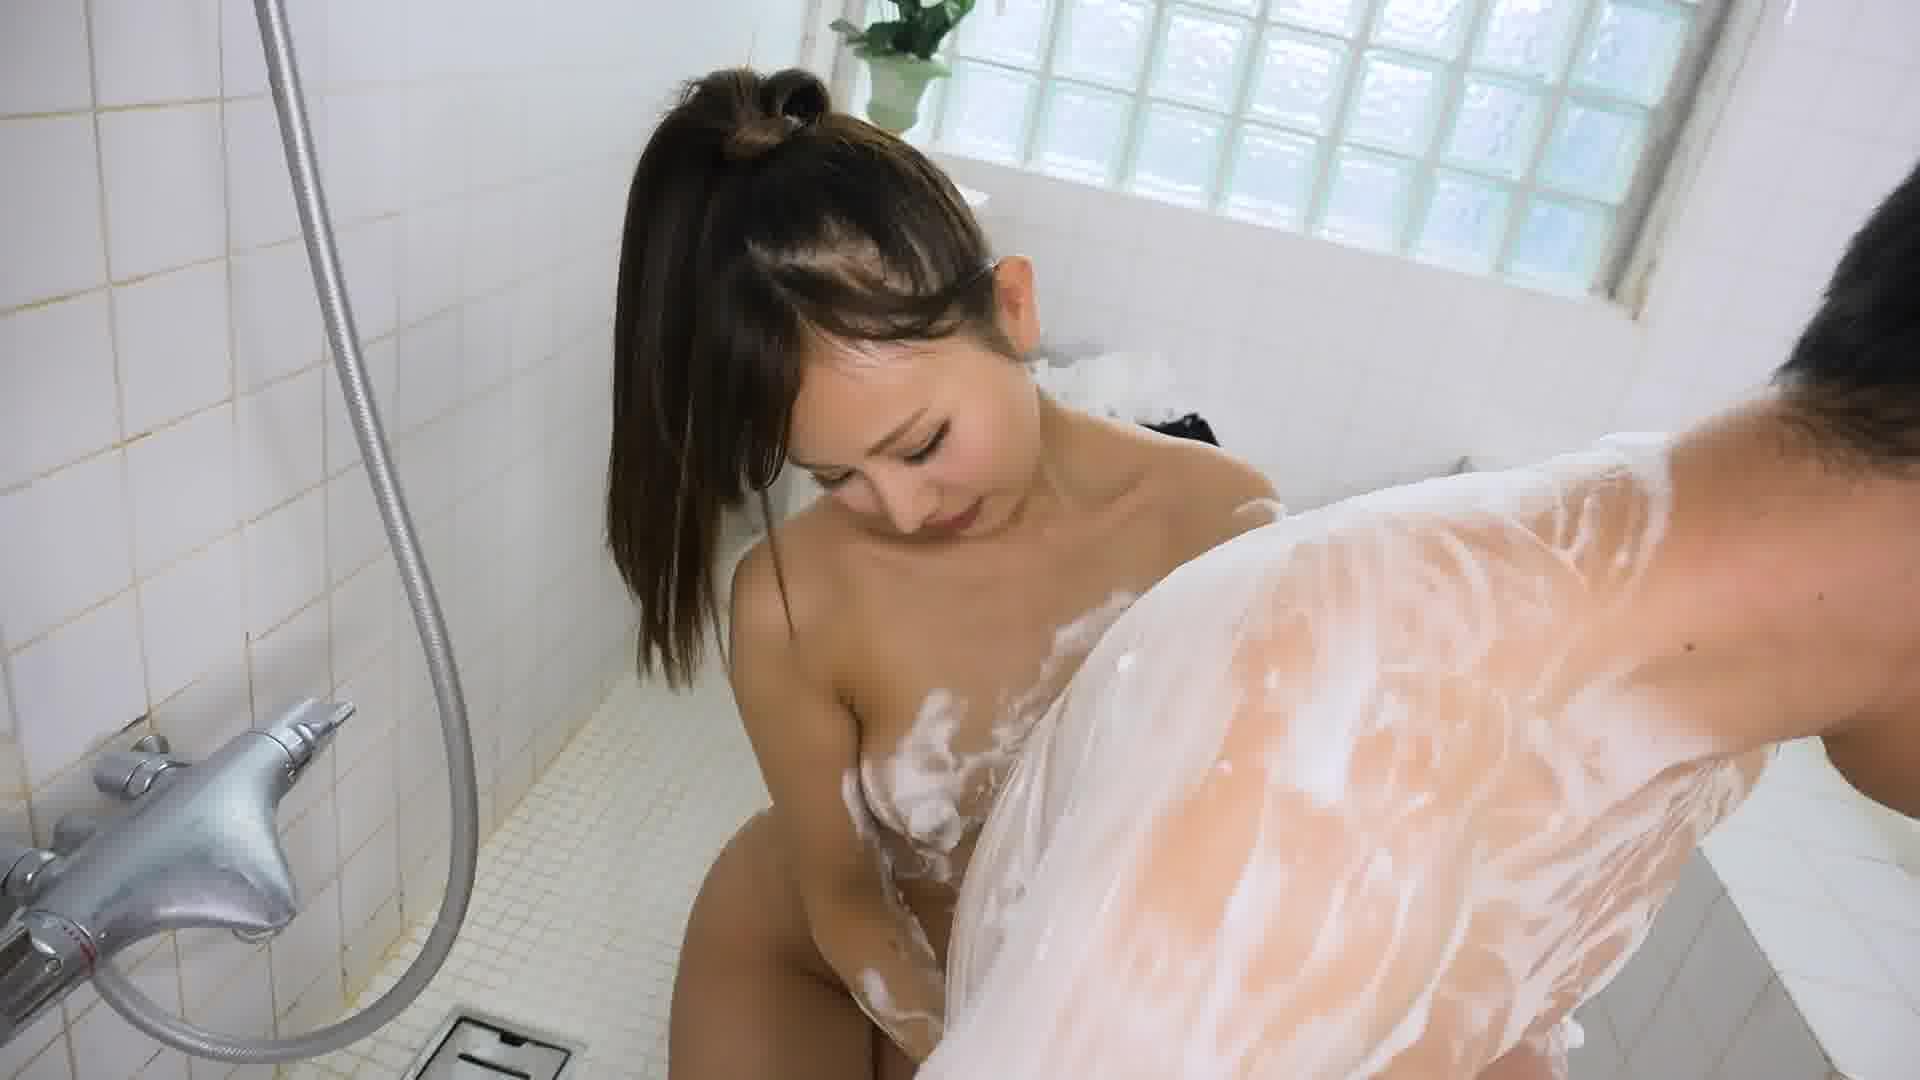 ロリコン専用ソープらんど12 - 碧えみ【コスプレ・パイパン・スレンダー】